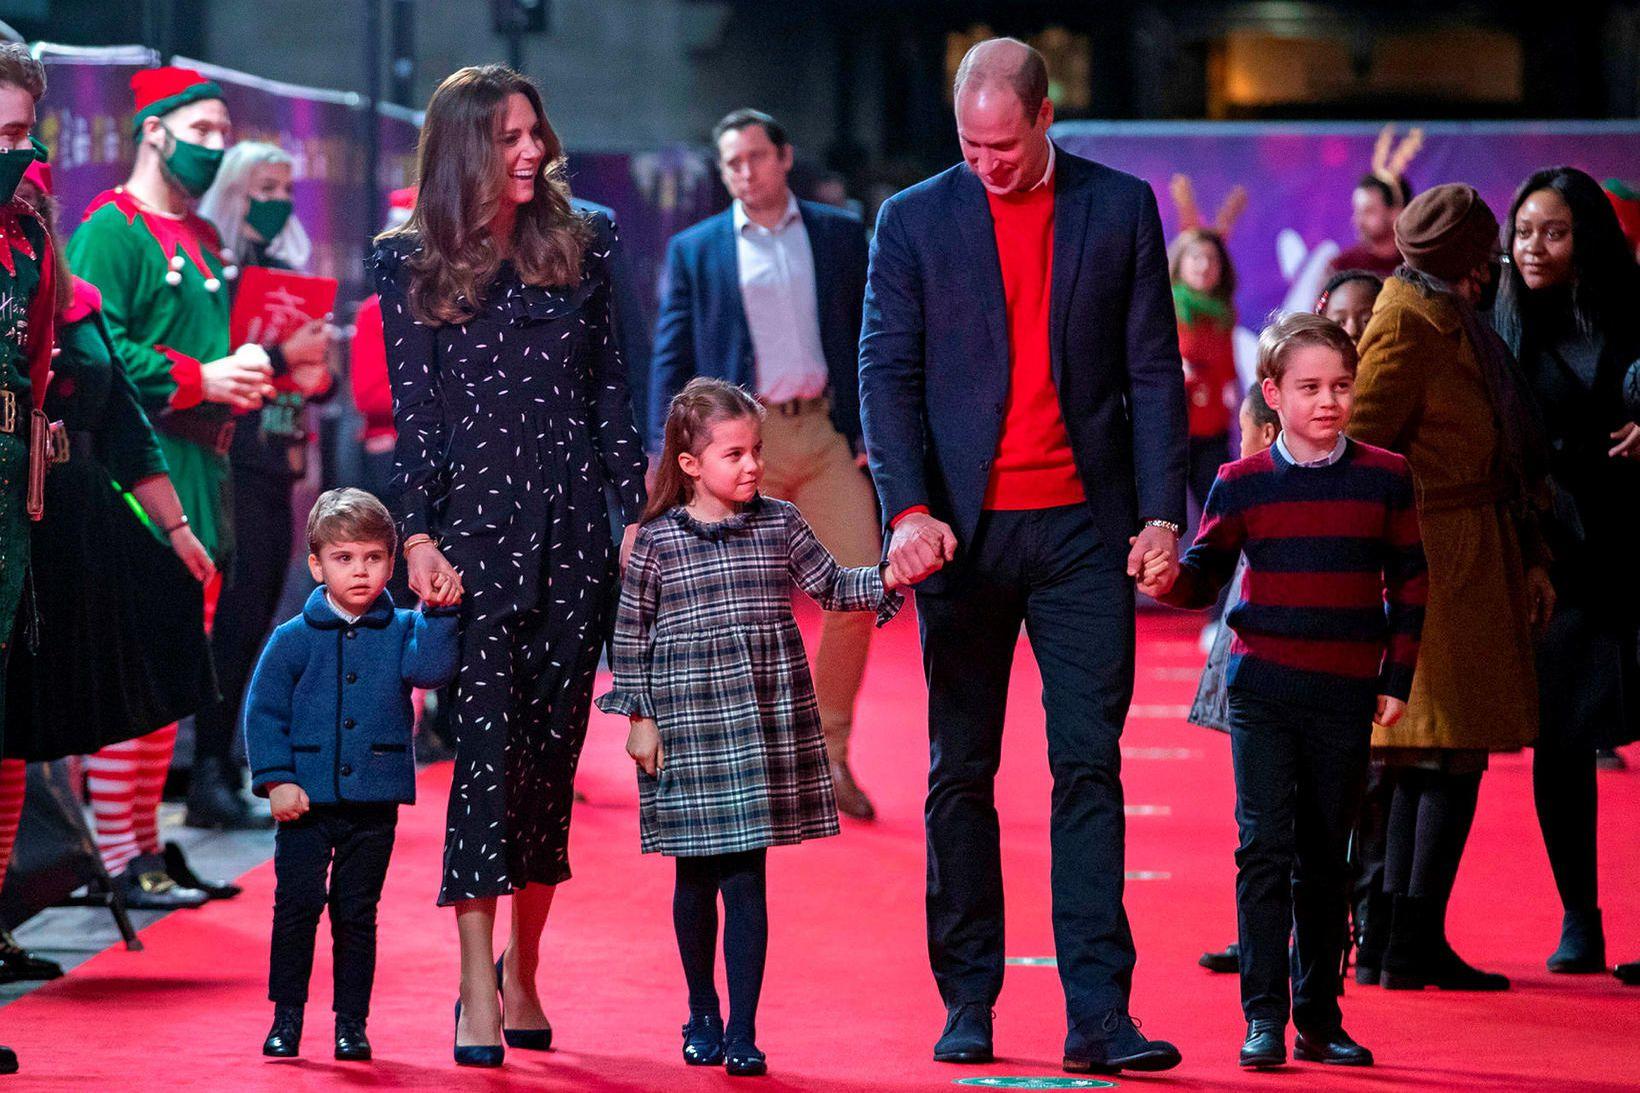 Lúðvík prins, Katrín hertogaynja, Karlotta prinsessa, Vilhjálmur Bretaprins og Georg …